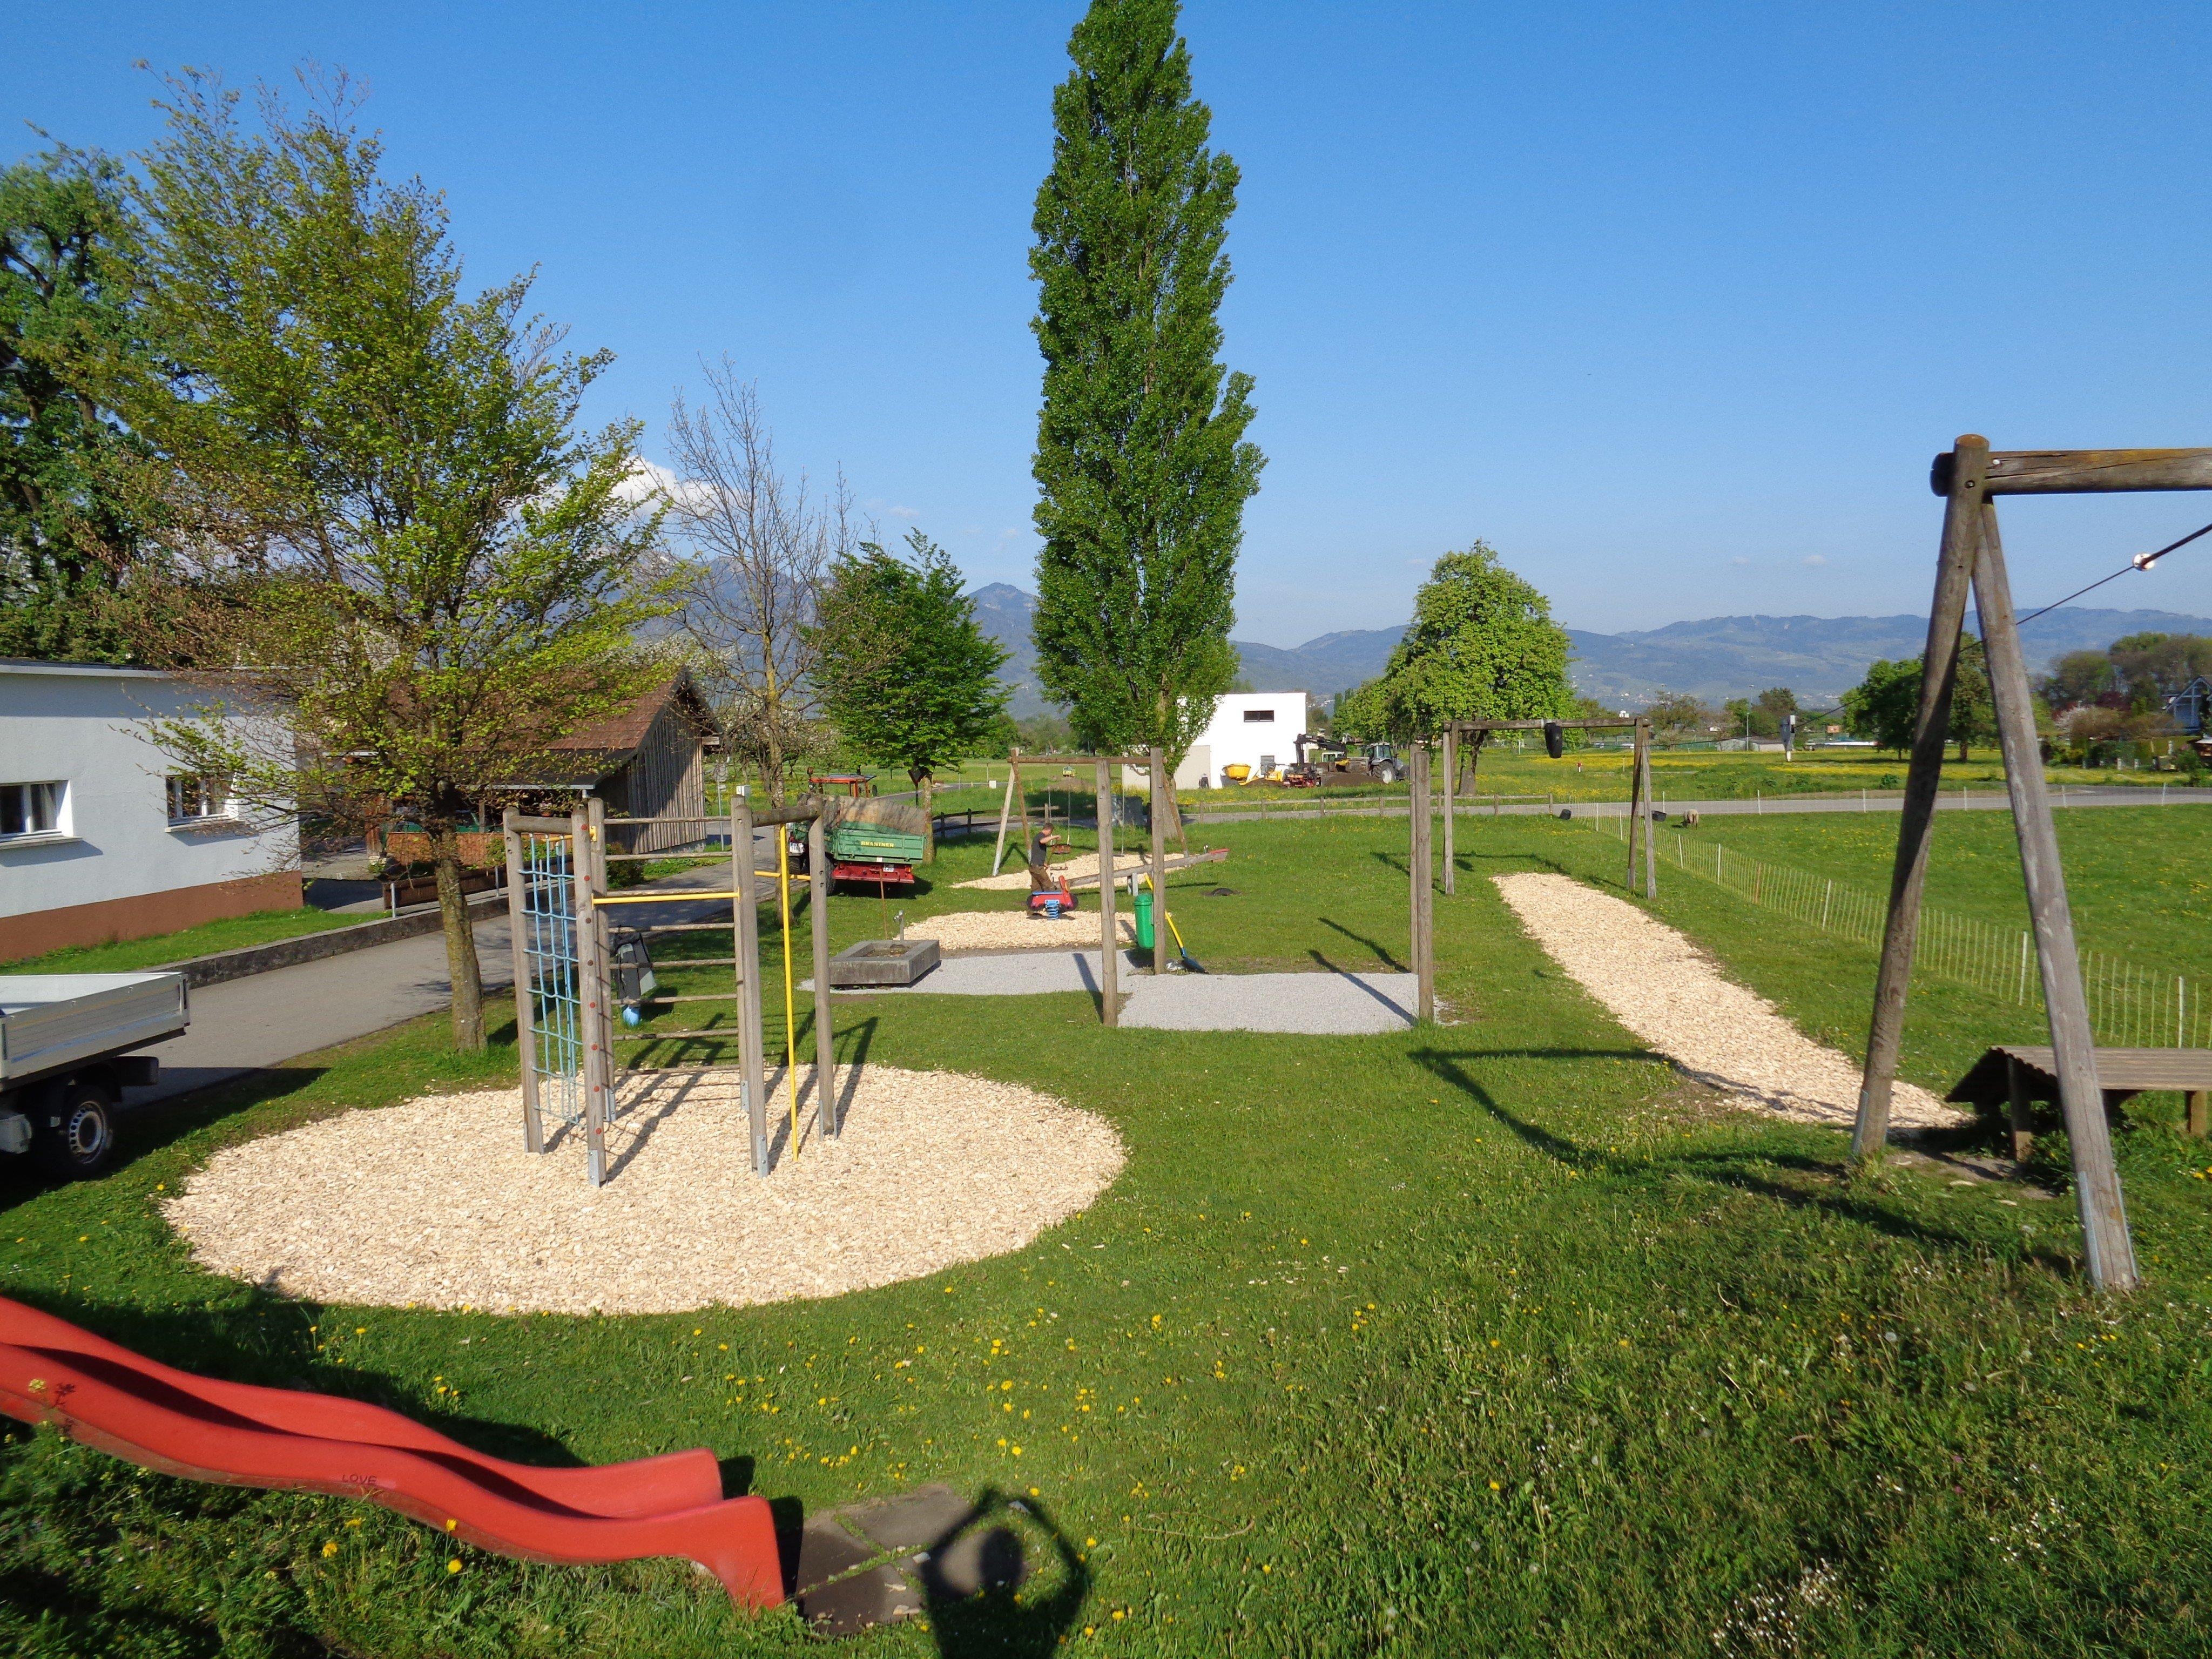 Die Gemeinde Röthis plant zumindest die teilweise Umsetzung des Spielraumkonzeptes